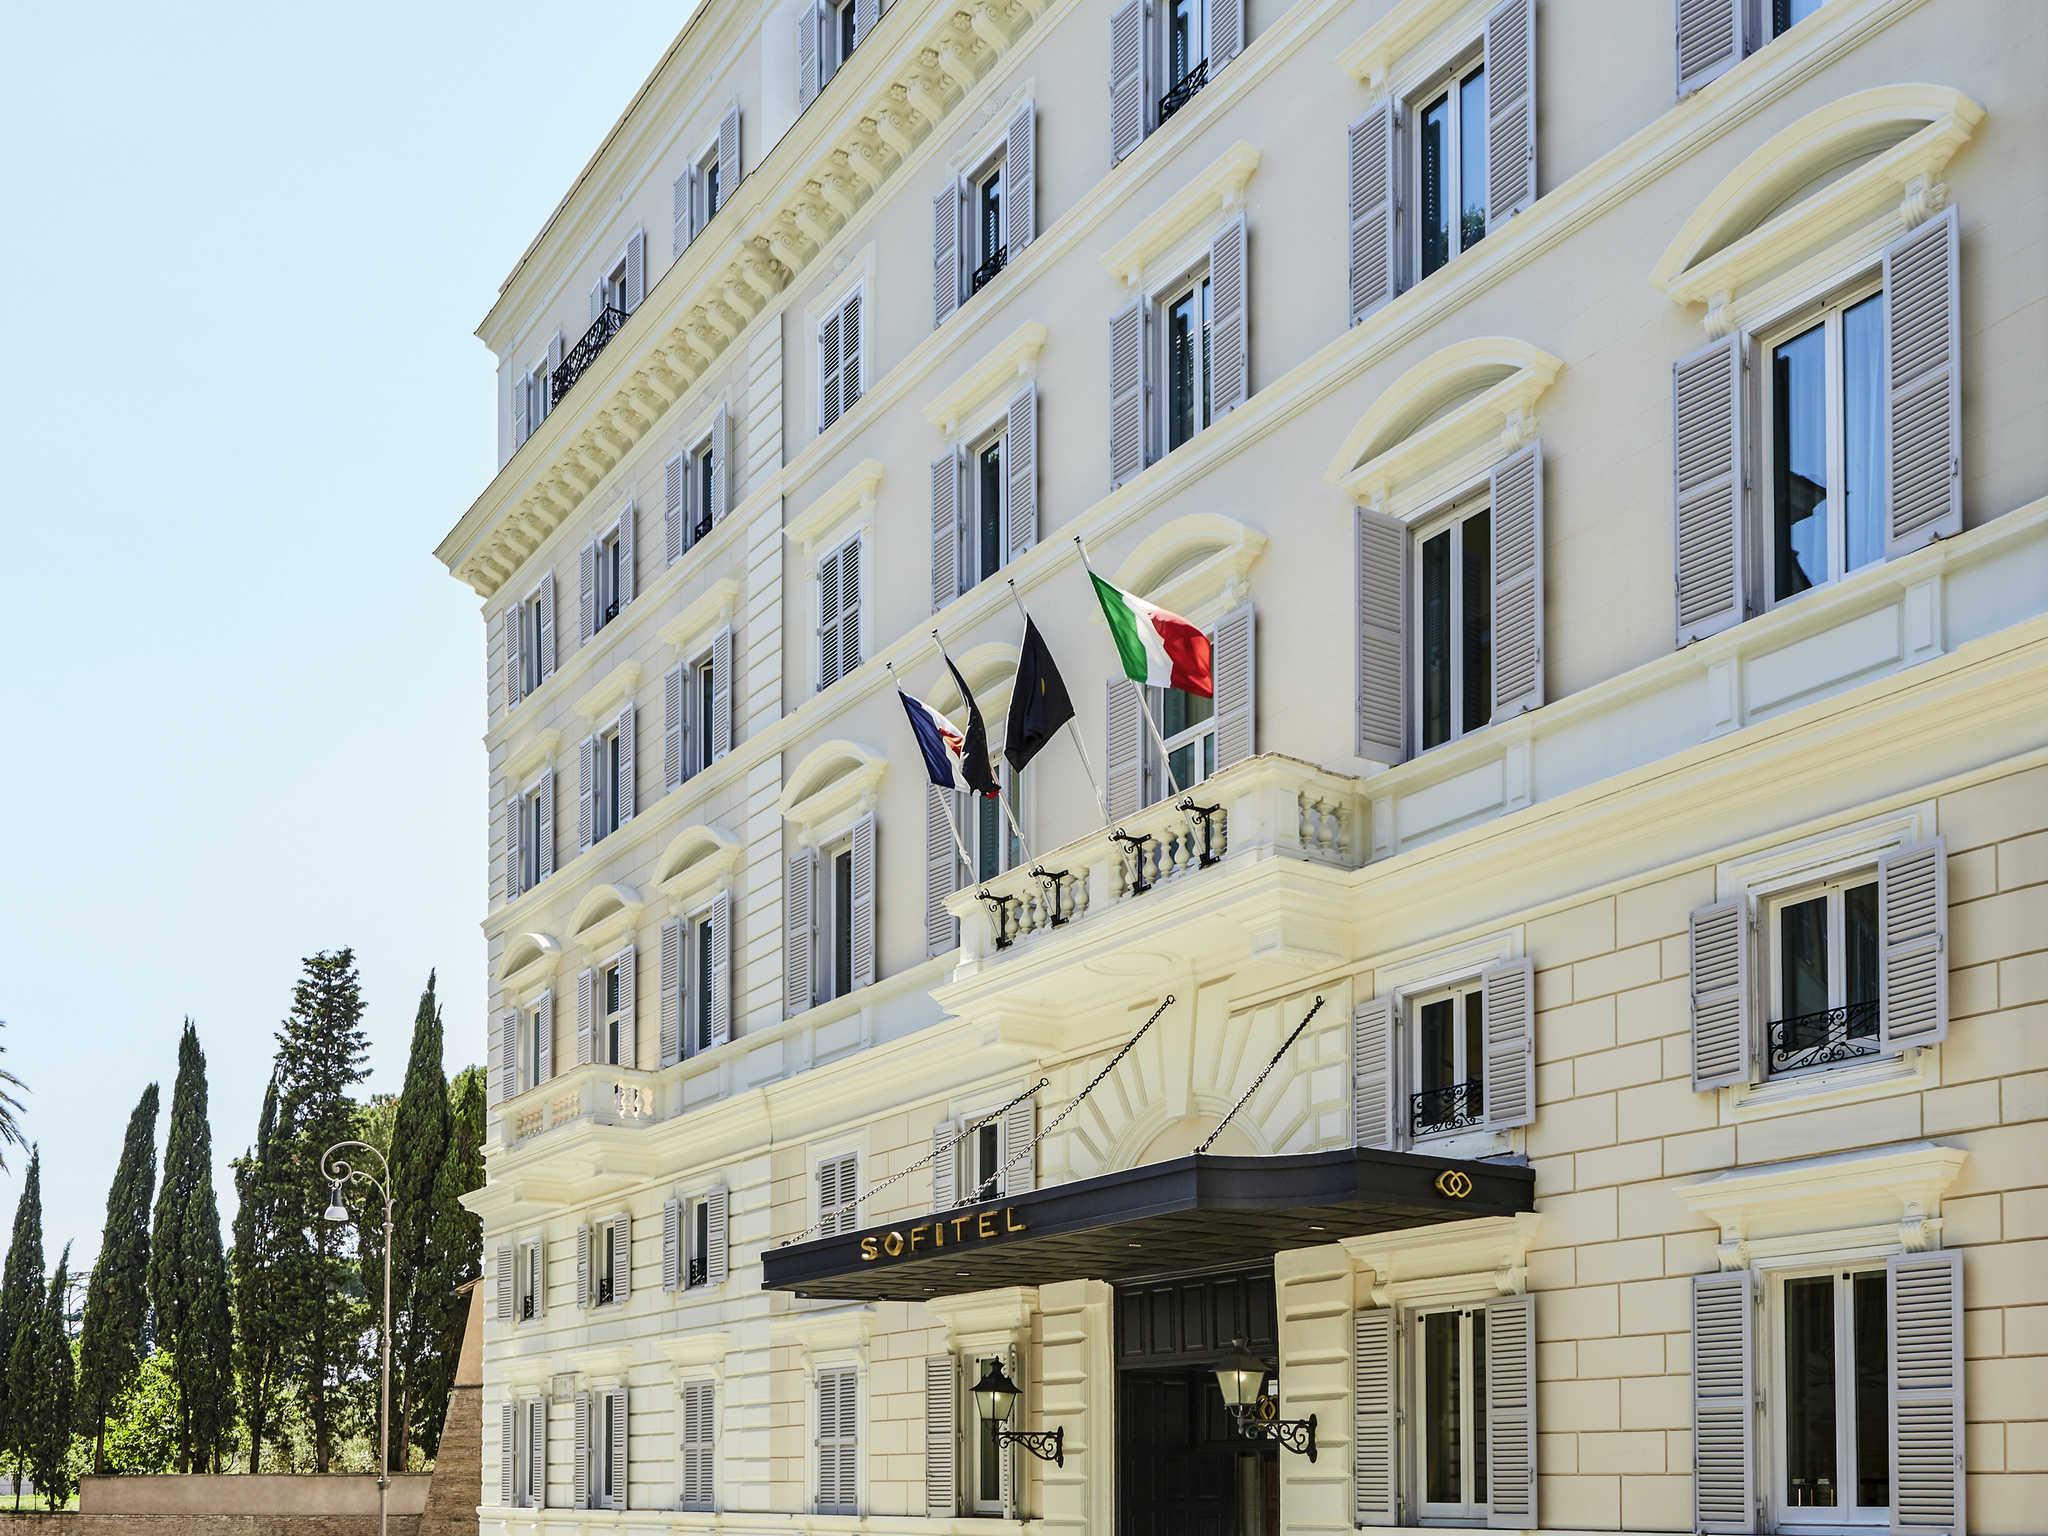 Hotel – Sofitel Rome (complete renovatie